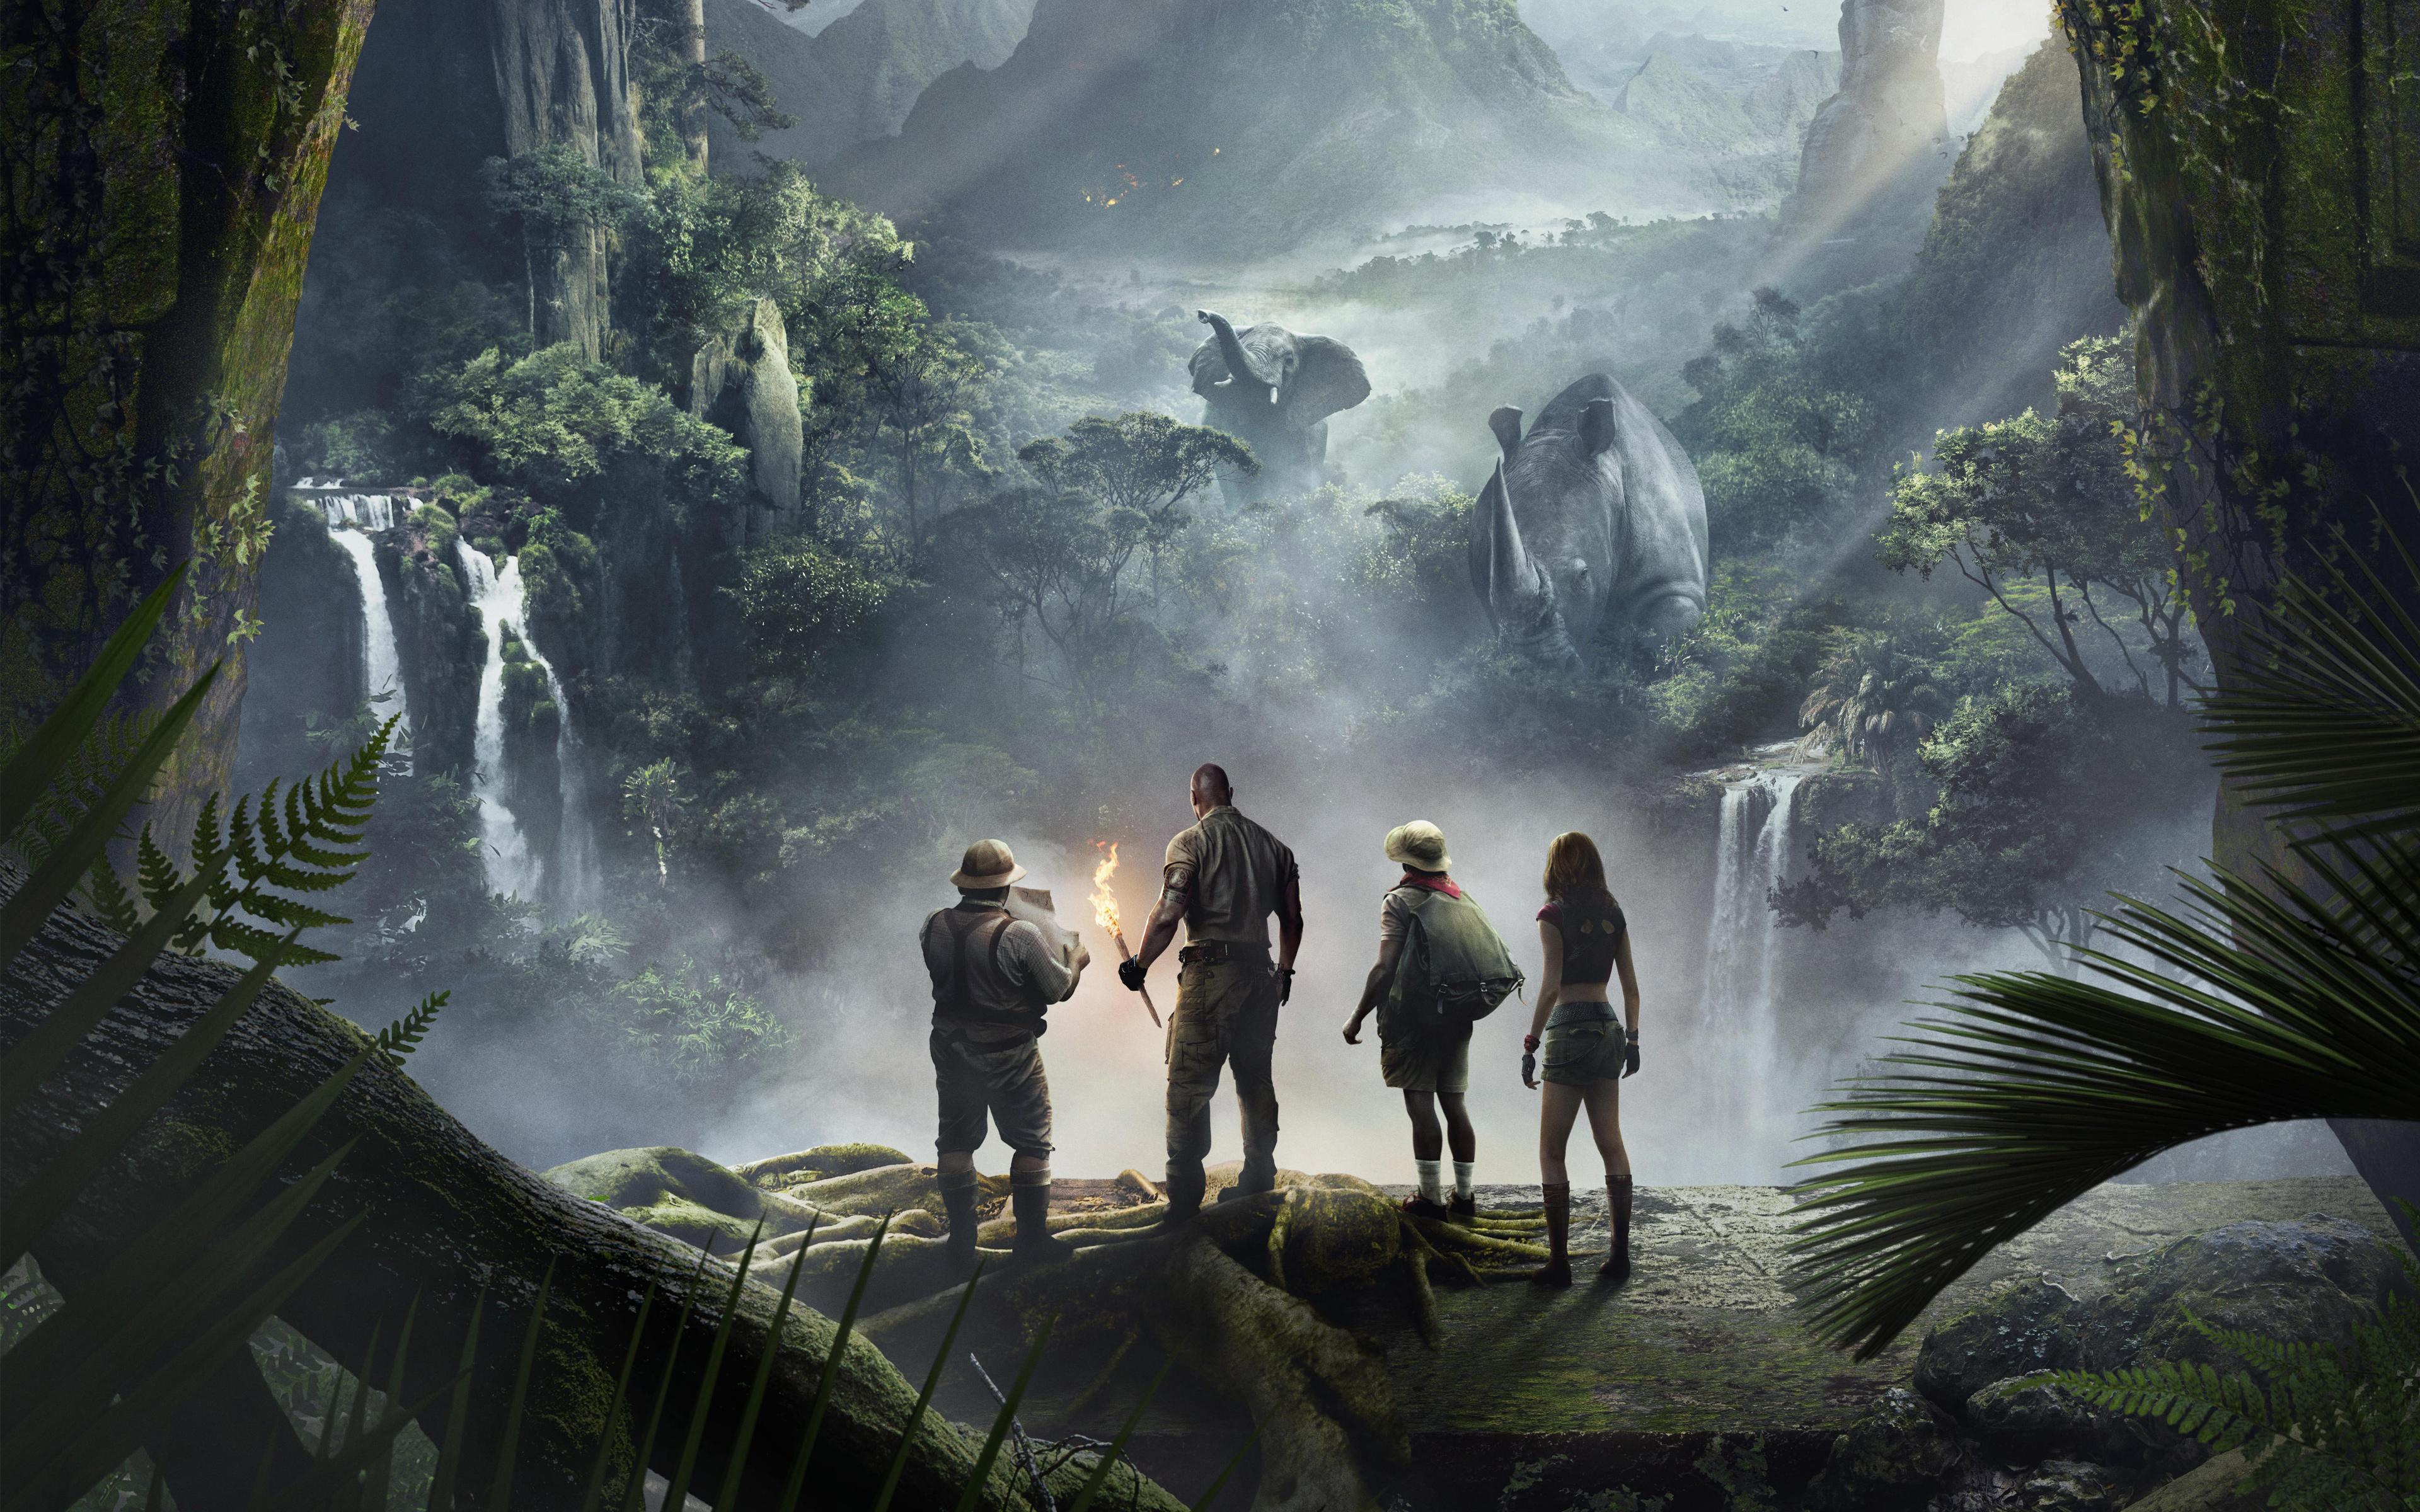 Джуманджи Добро пожаловать в джунгли обои скачать